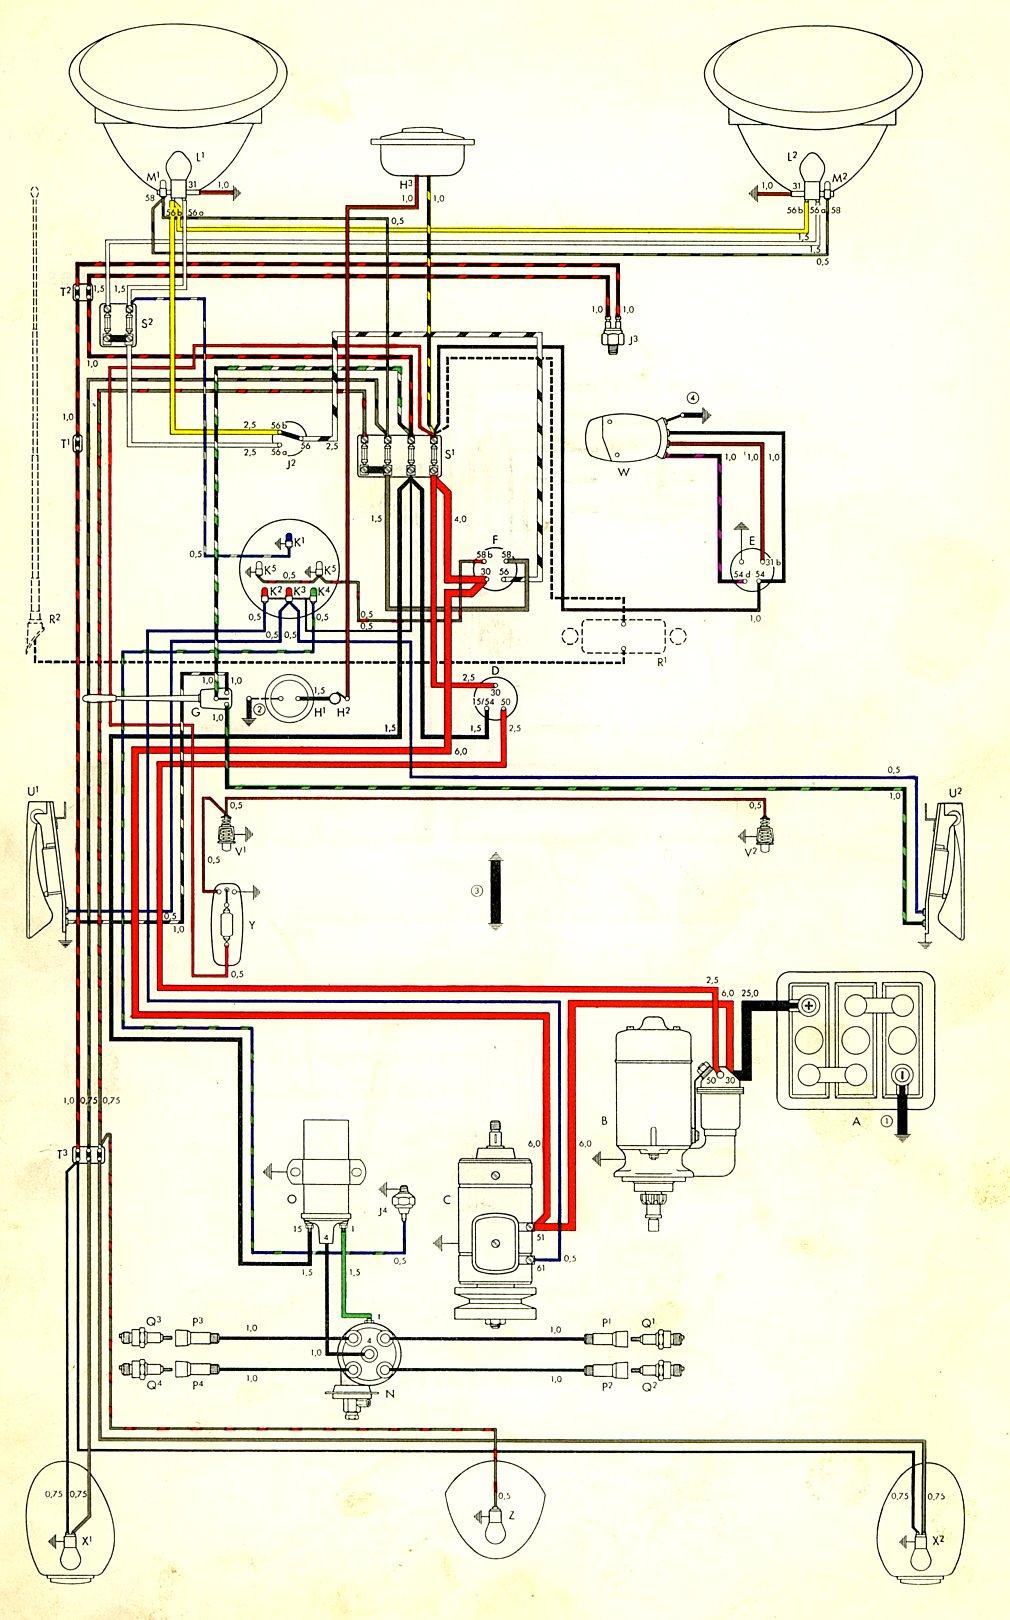 Beh U00f6ver Hj U00e4lp Ang Mitt 12v System   Konstigt Draget   Sida 1  - Elektriskt - 6  U0026 12v